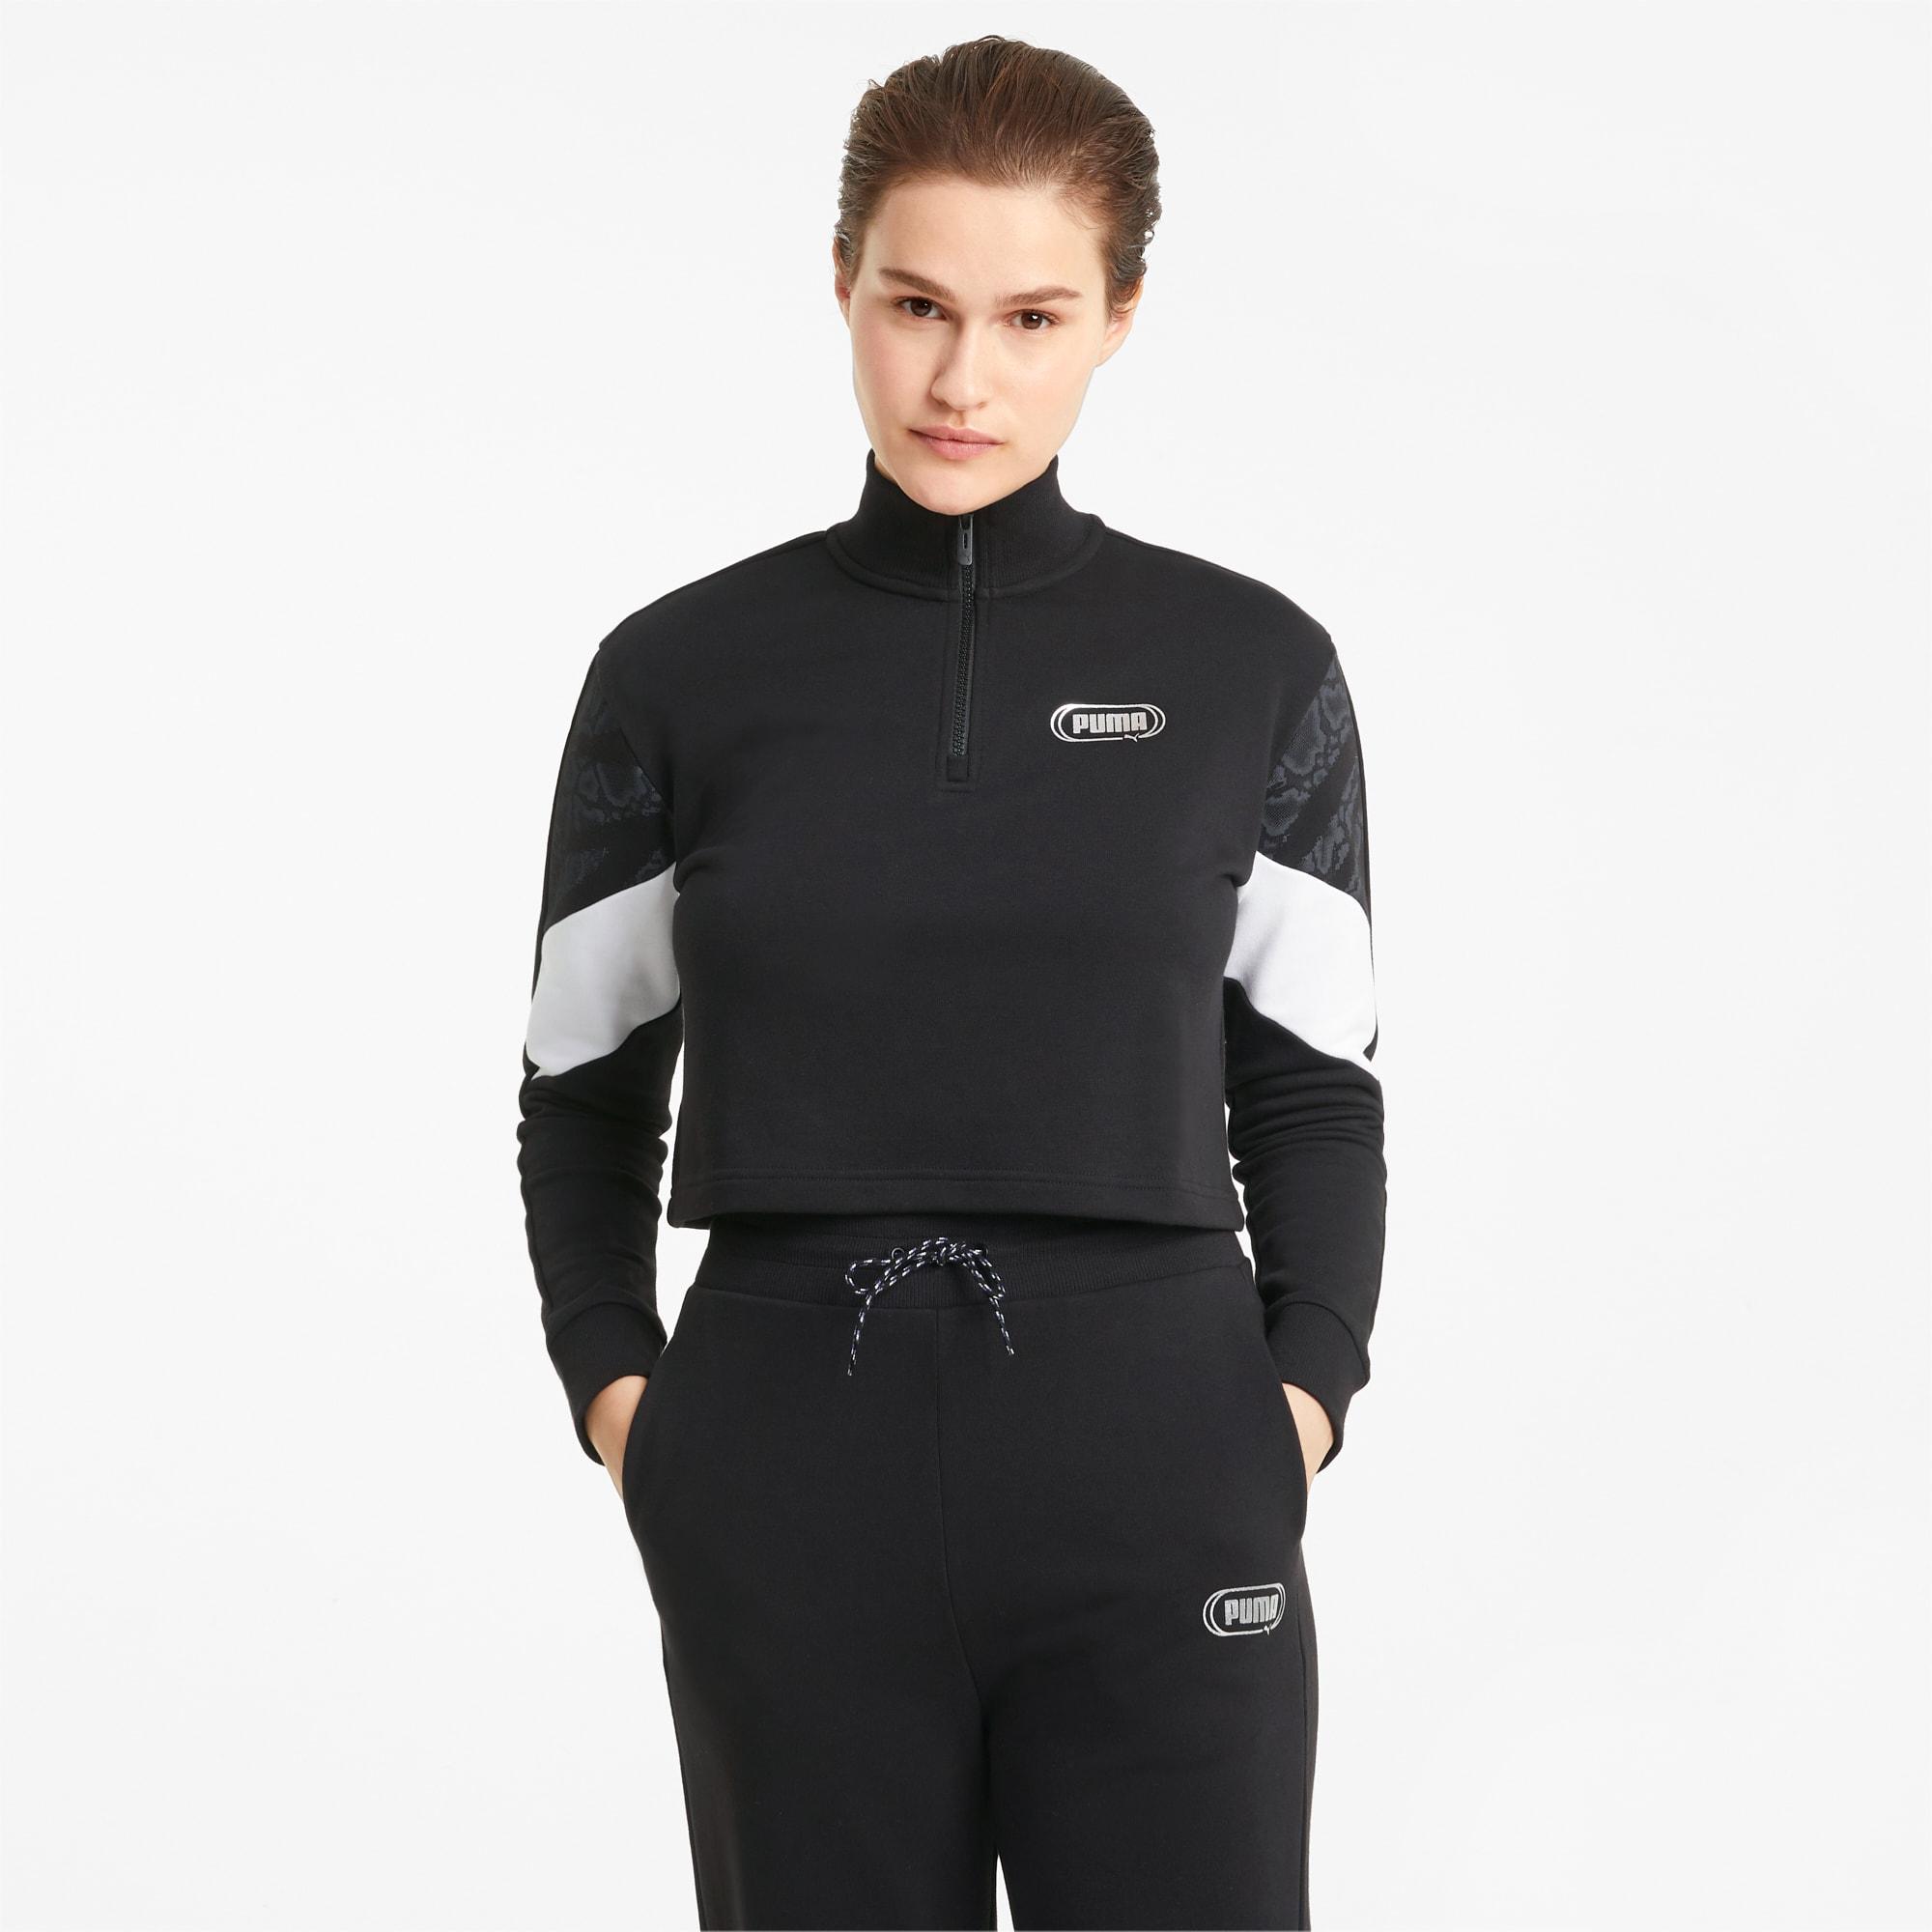 Rebel Women's Half Zip Crewneck Sweatshirt